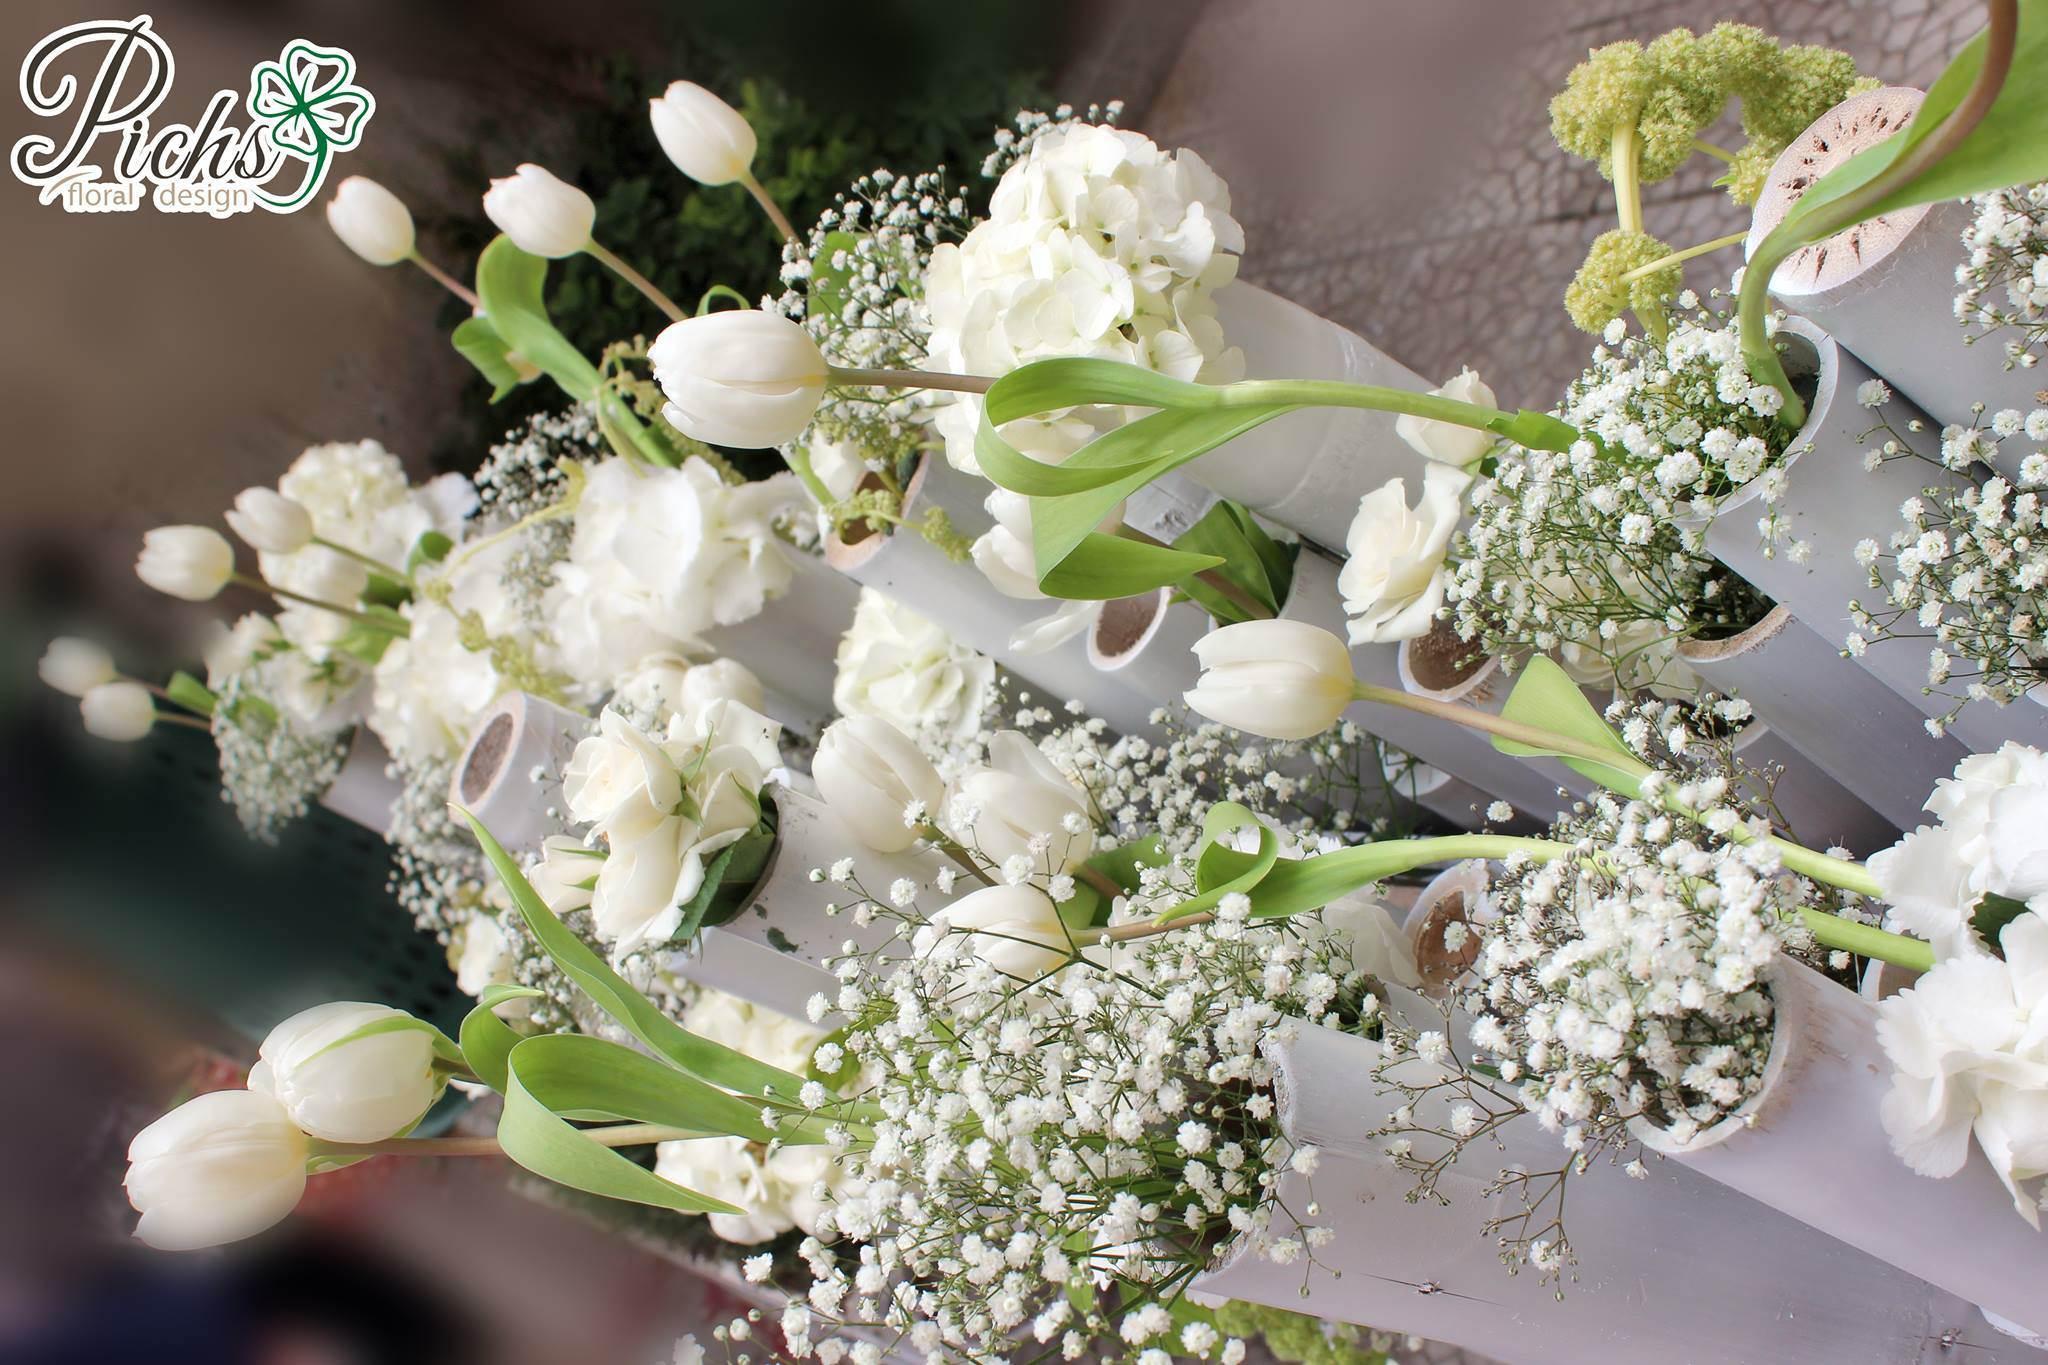 17b625dcdc24 Una composizione di tulipani e calle bianche sarà l ideale per addobbare  l altare in un matrimonio elegante e raffinato.